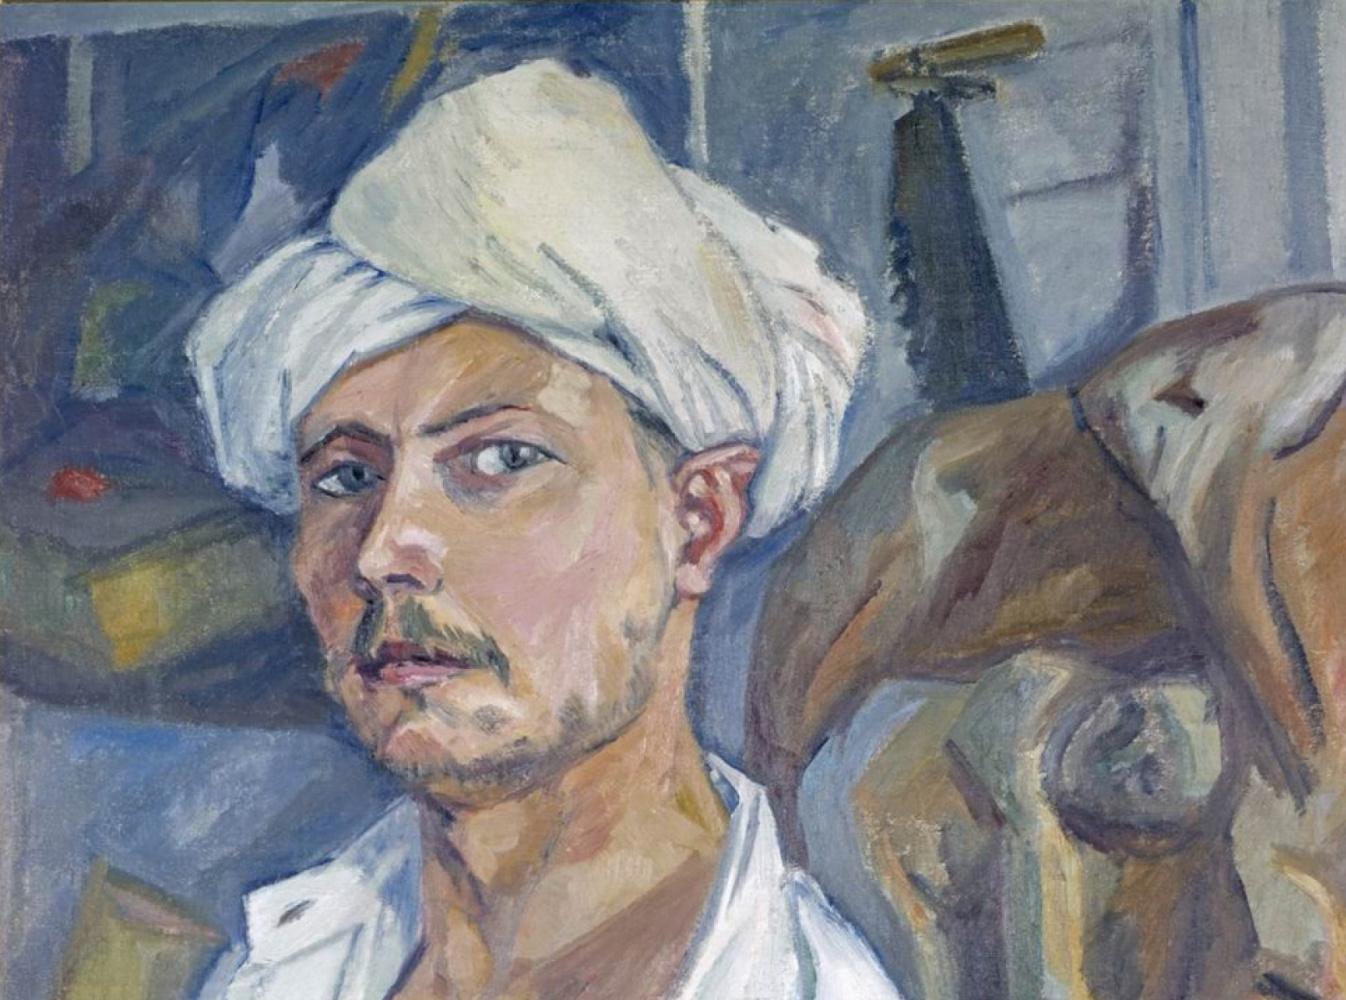 Крупнейшая ретроспектива Михаила Ларионова  - главное событие осени в Новой Третьяковке